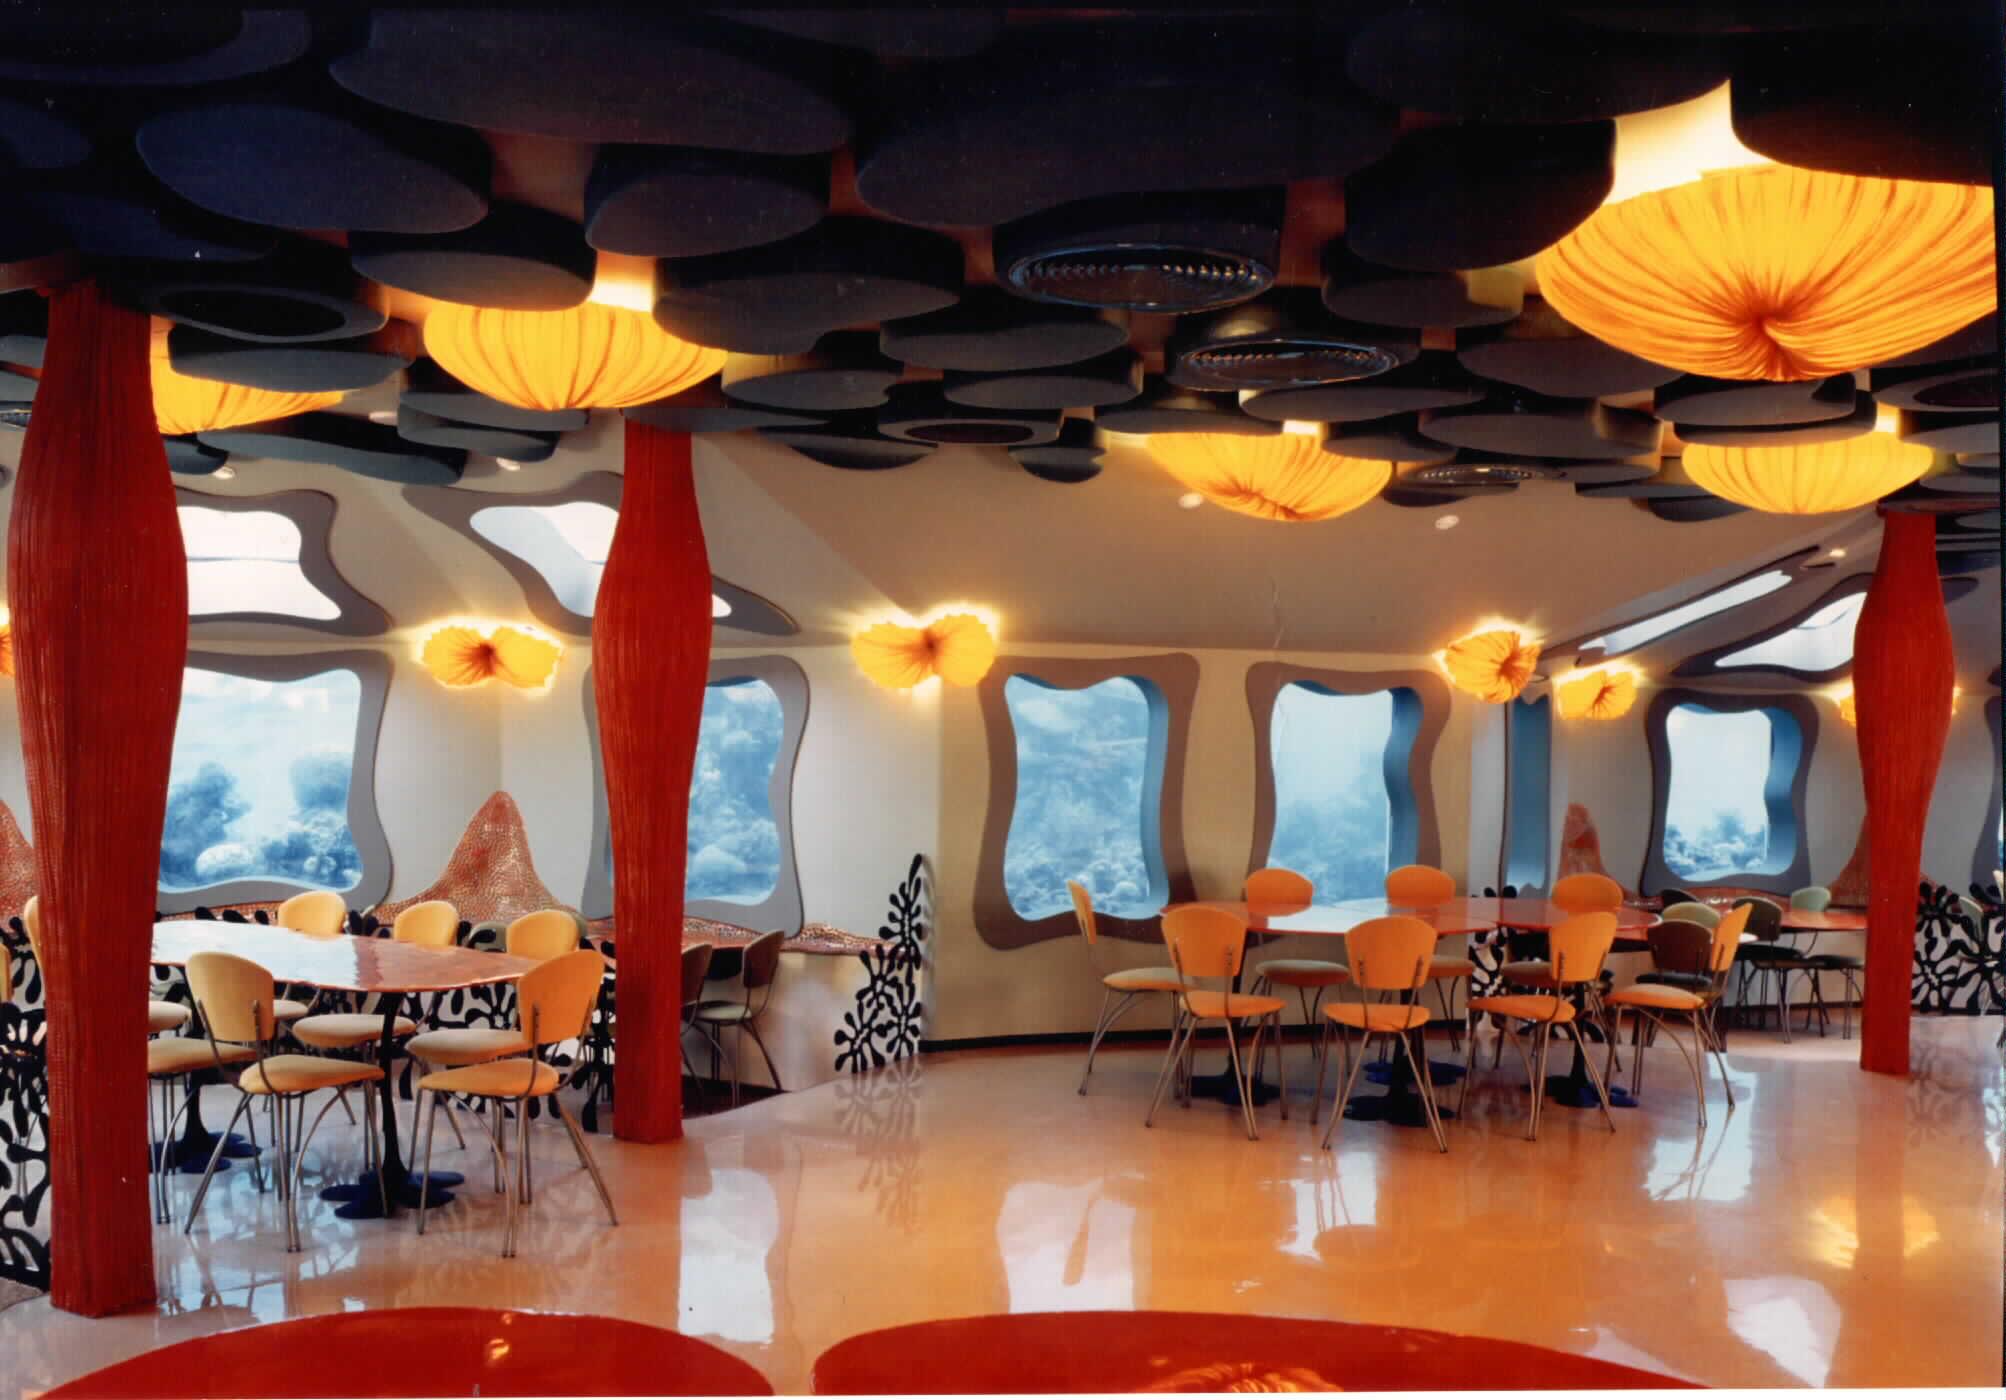 Underwater restaurant the Red Sea Star Eilat Israel main salon